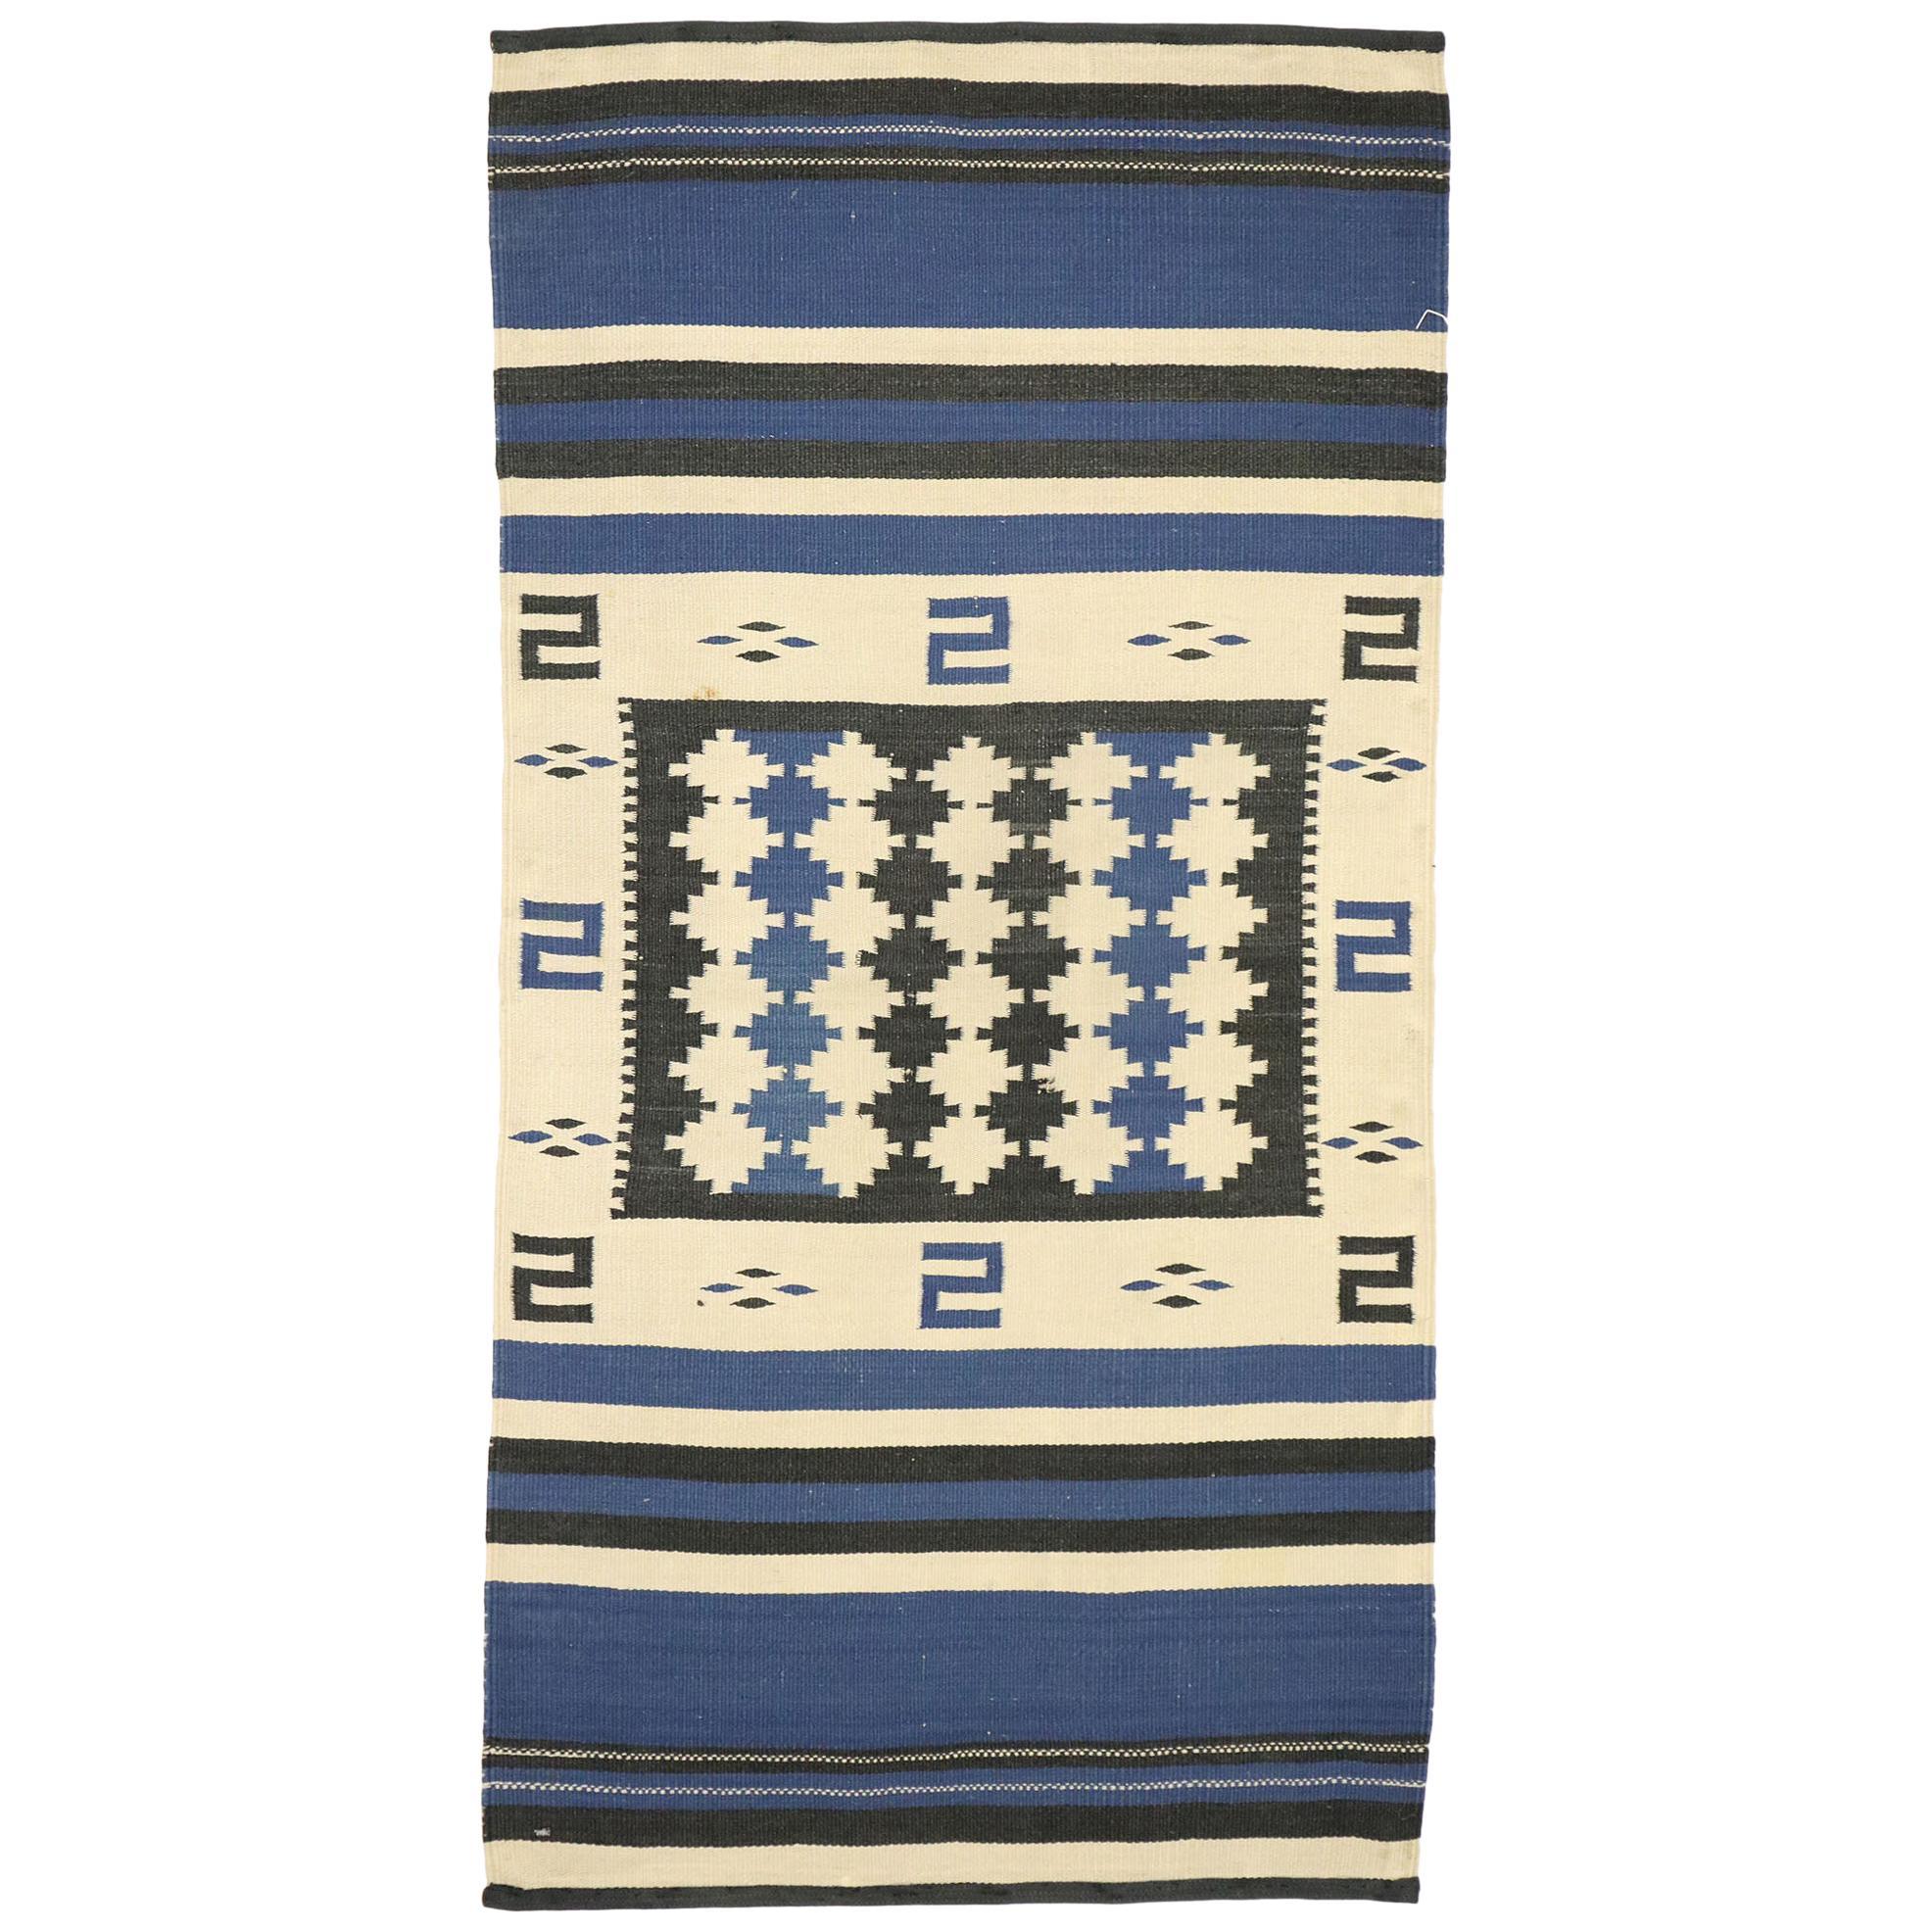 Native American Antique Indian Navajo Kilim Rug, Navajo Saddle Blanket